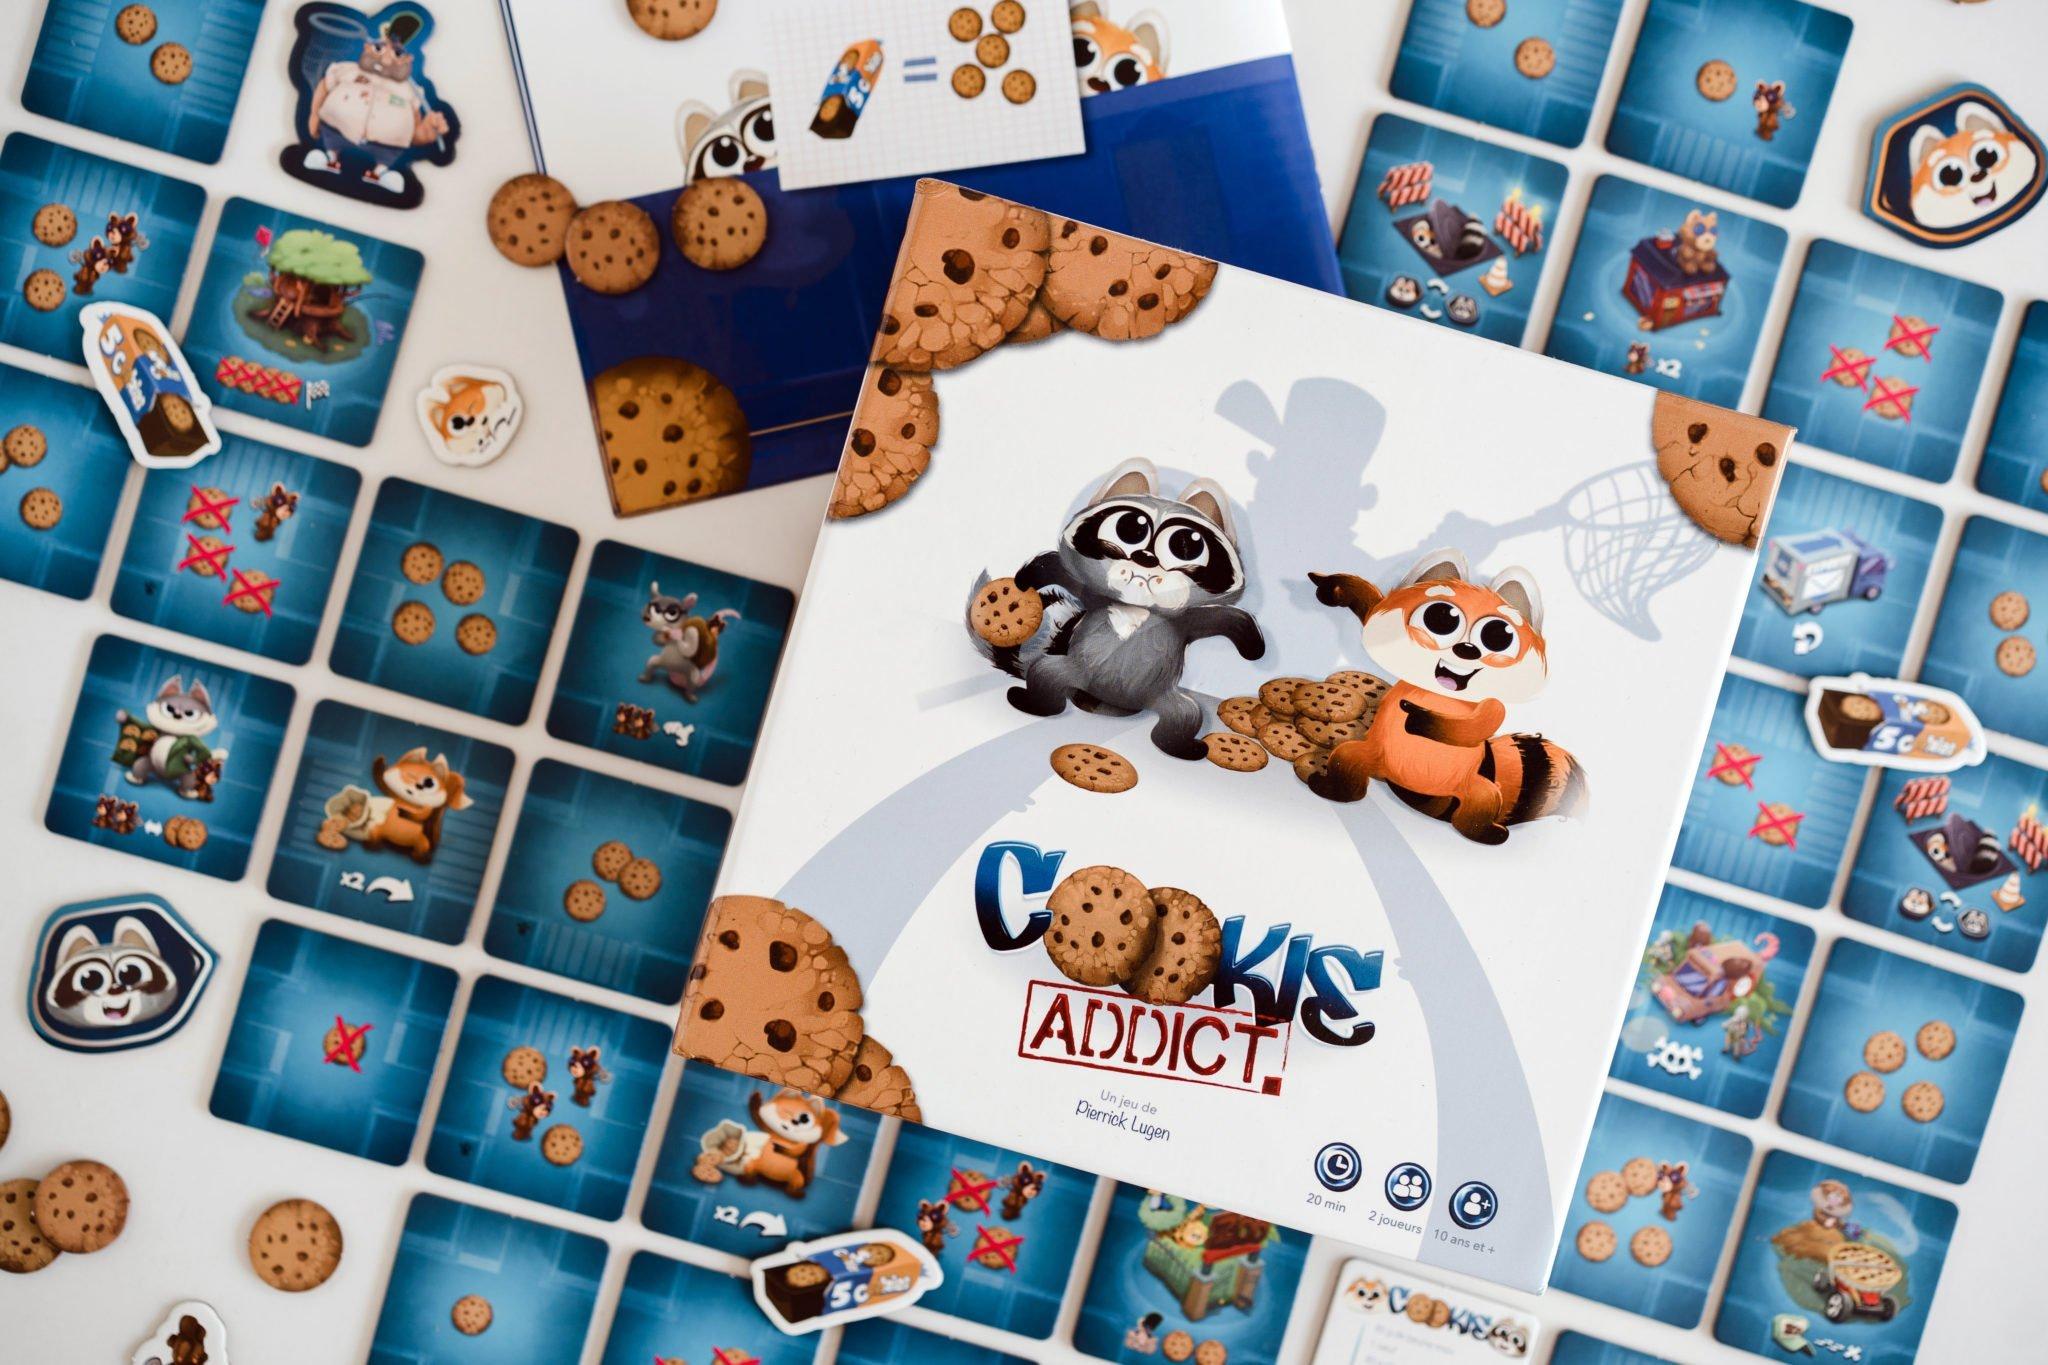 Cookie Addict cover